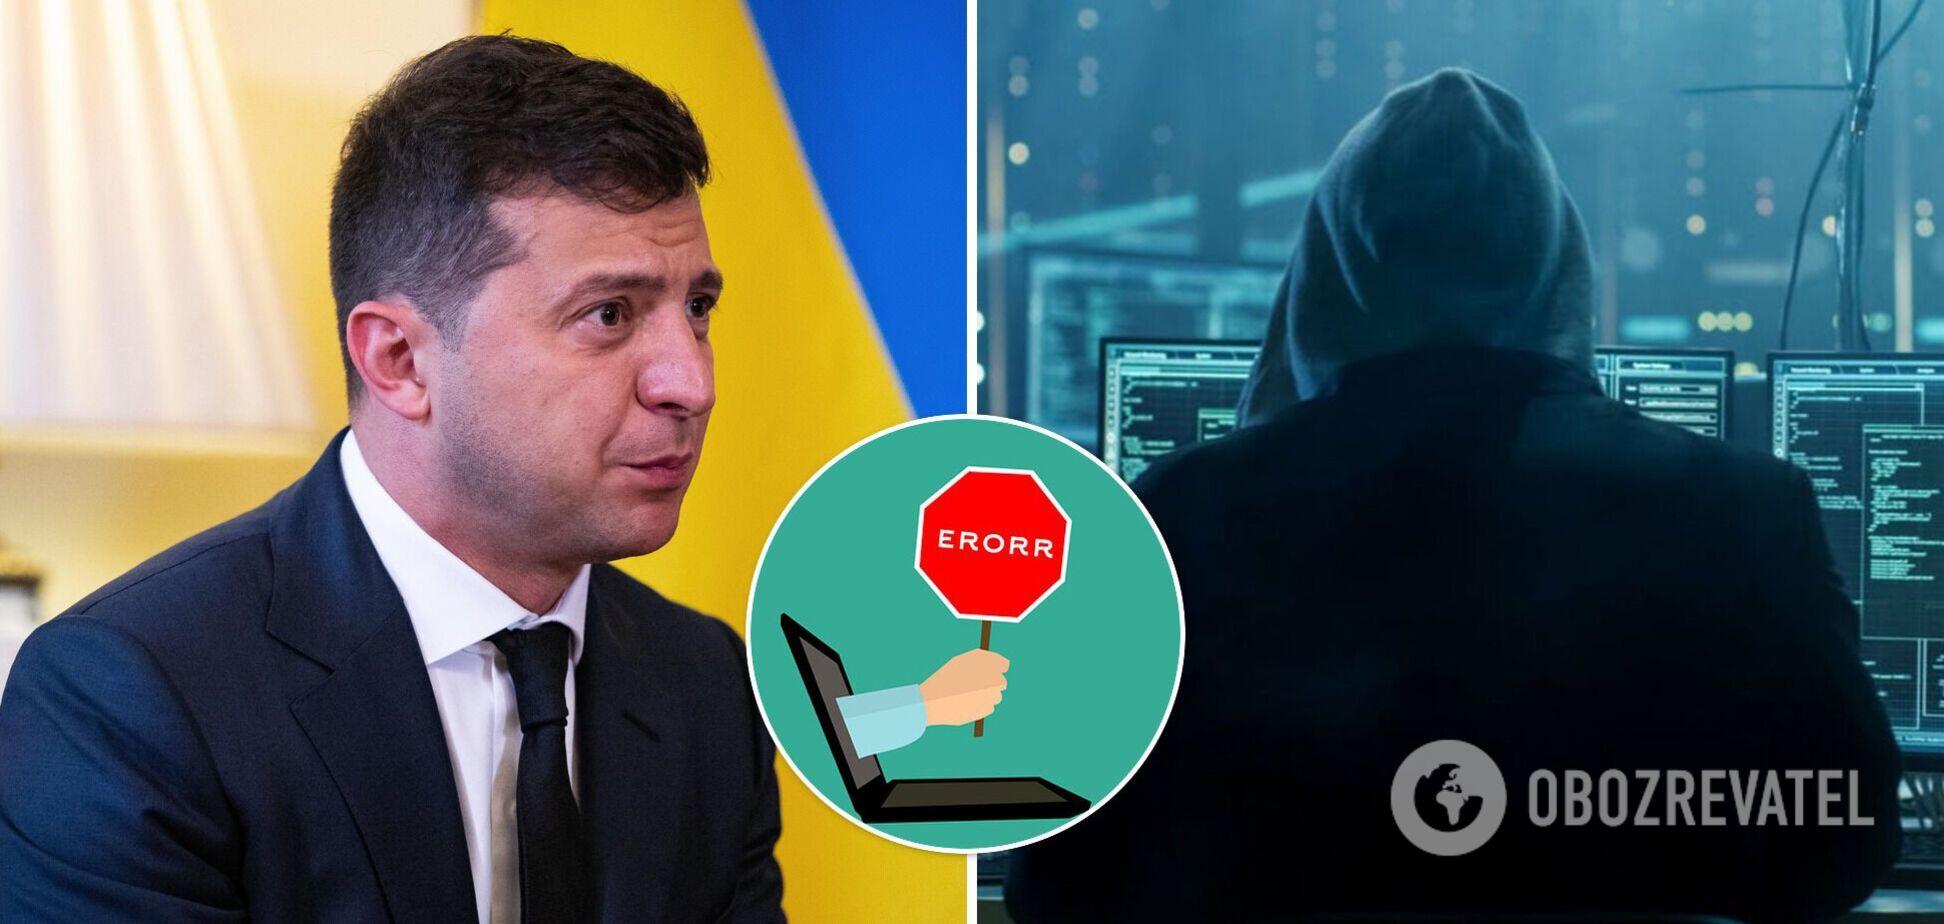 В Украине перестал работать сайт президента